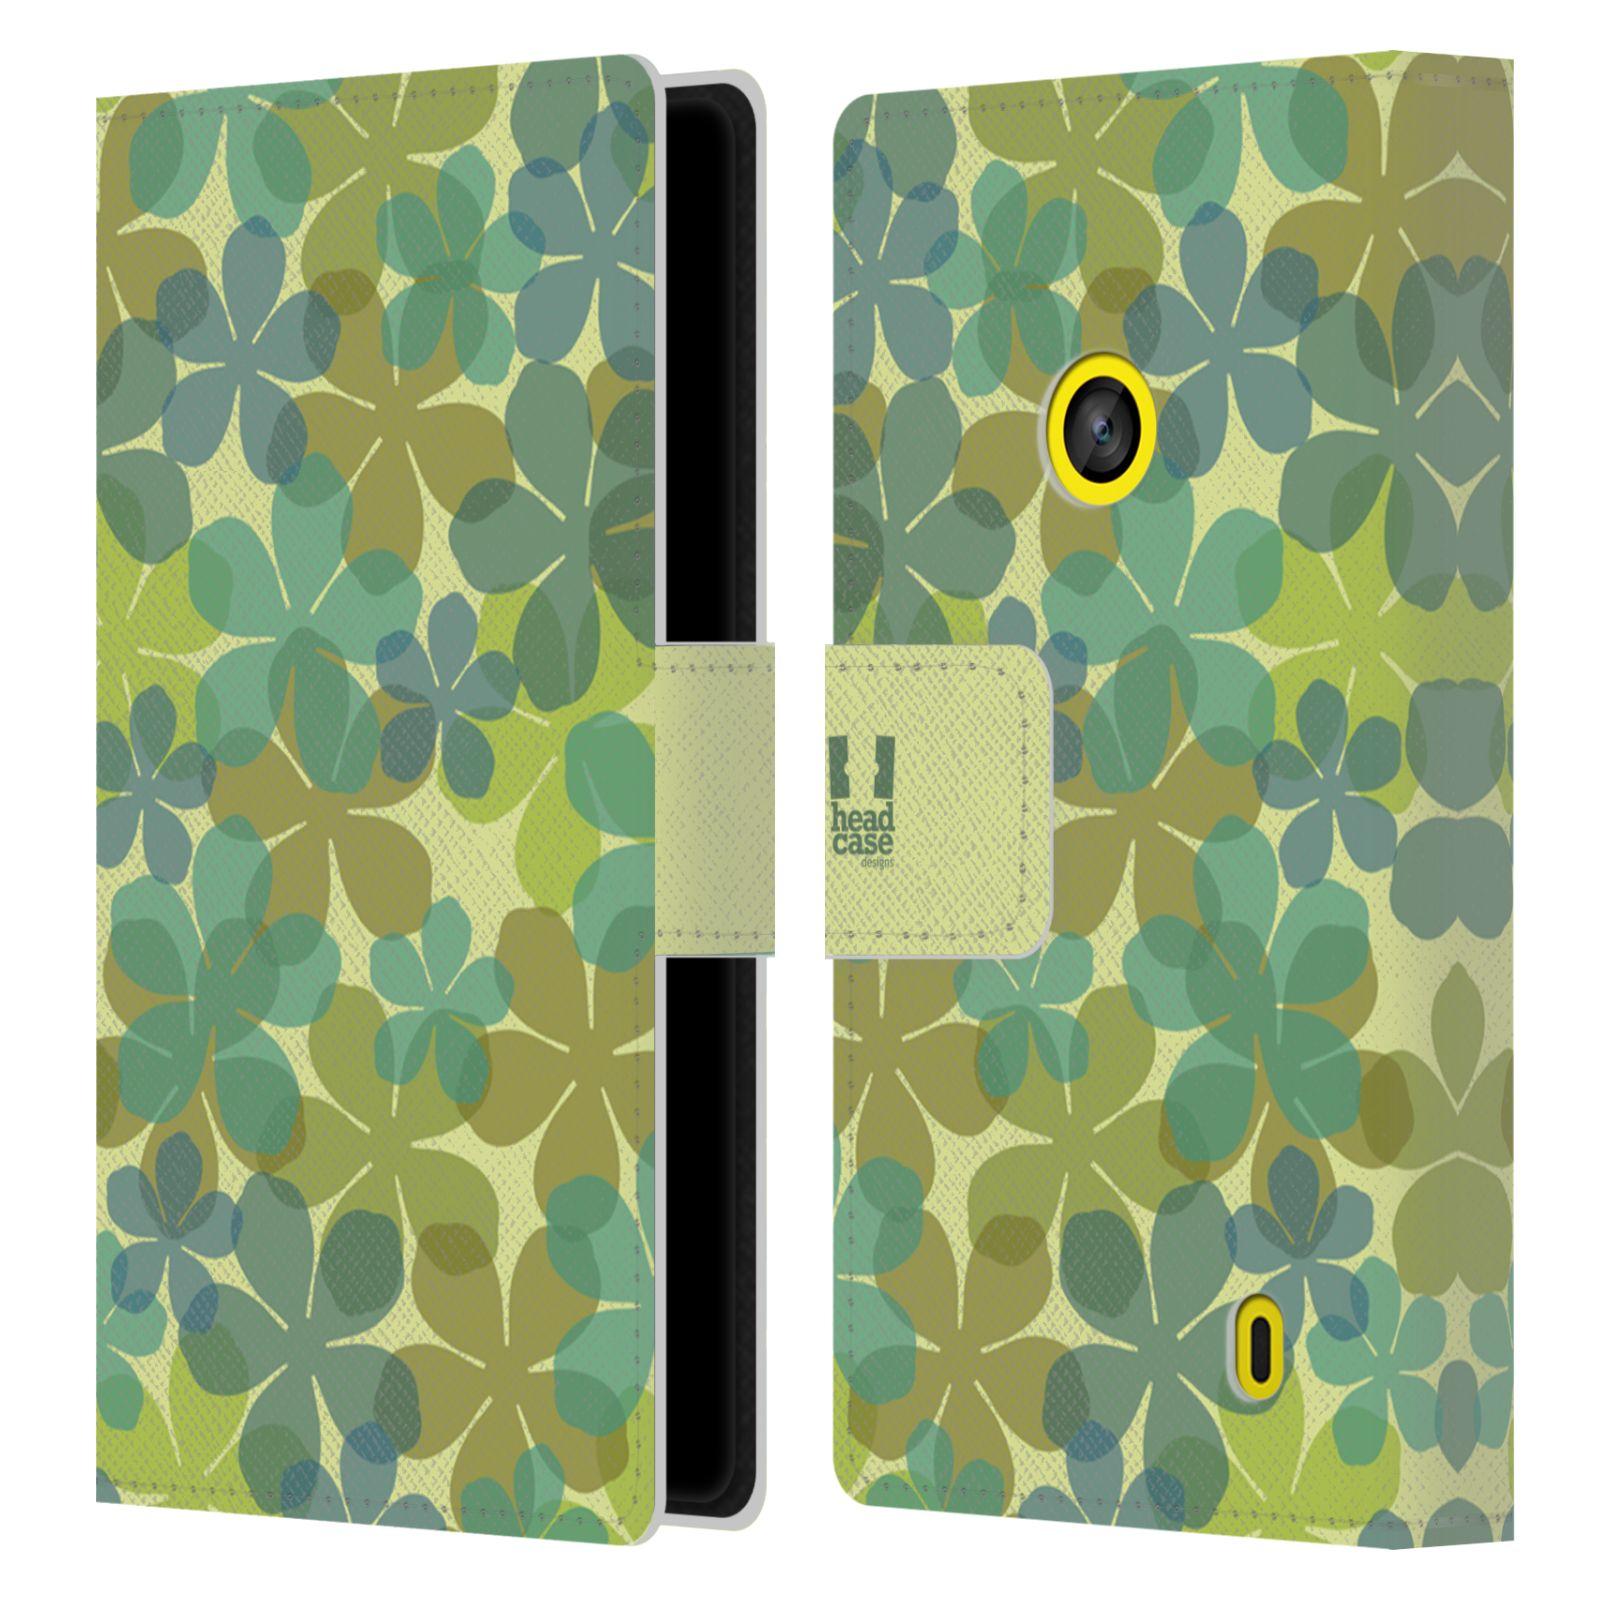 HEAD CASE Flipové pouzdro pro mobil NOKIA LUMIA 520 / 525 vzor prolínající se květina zelená